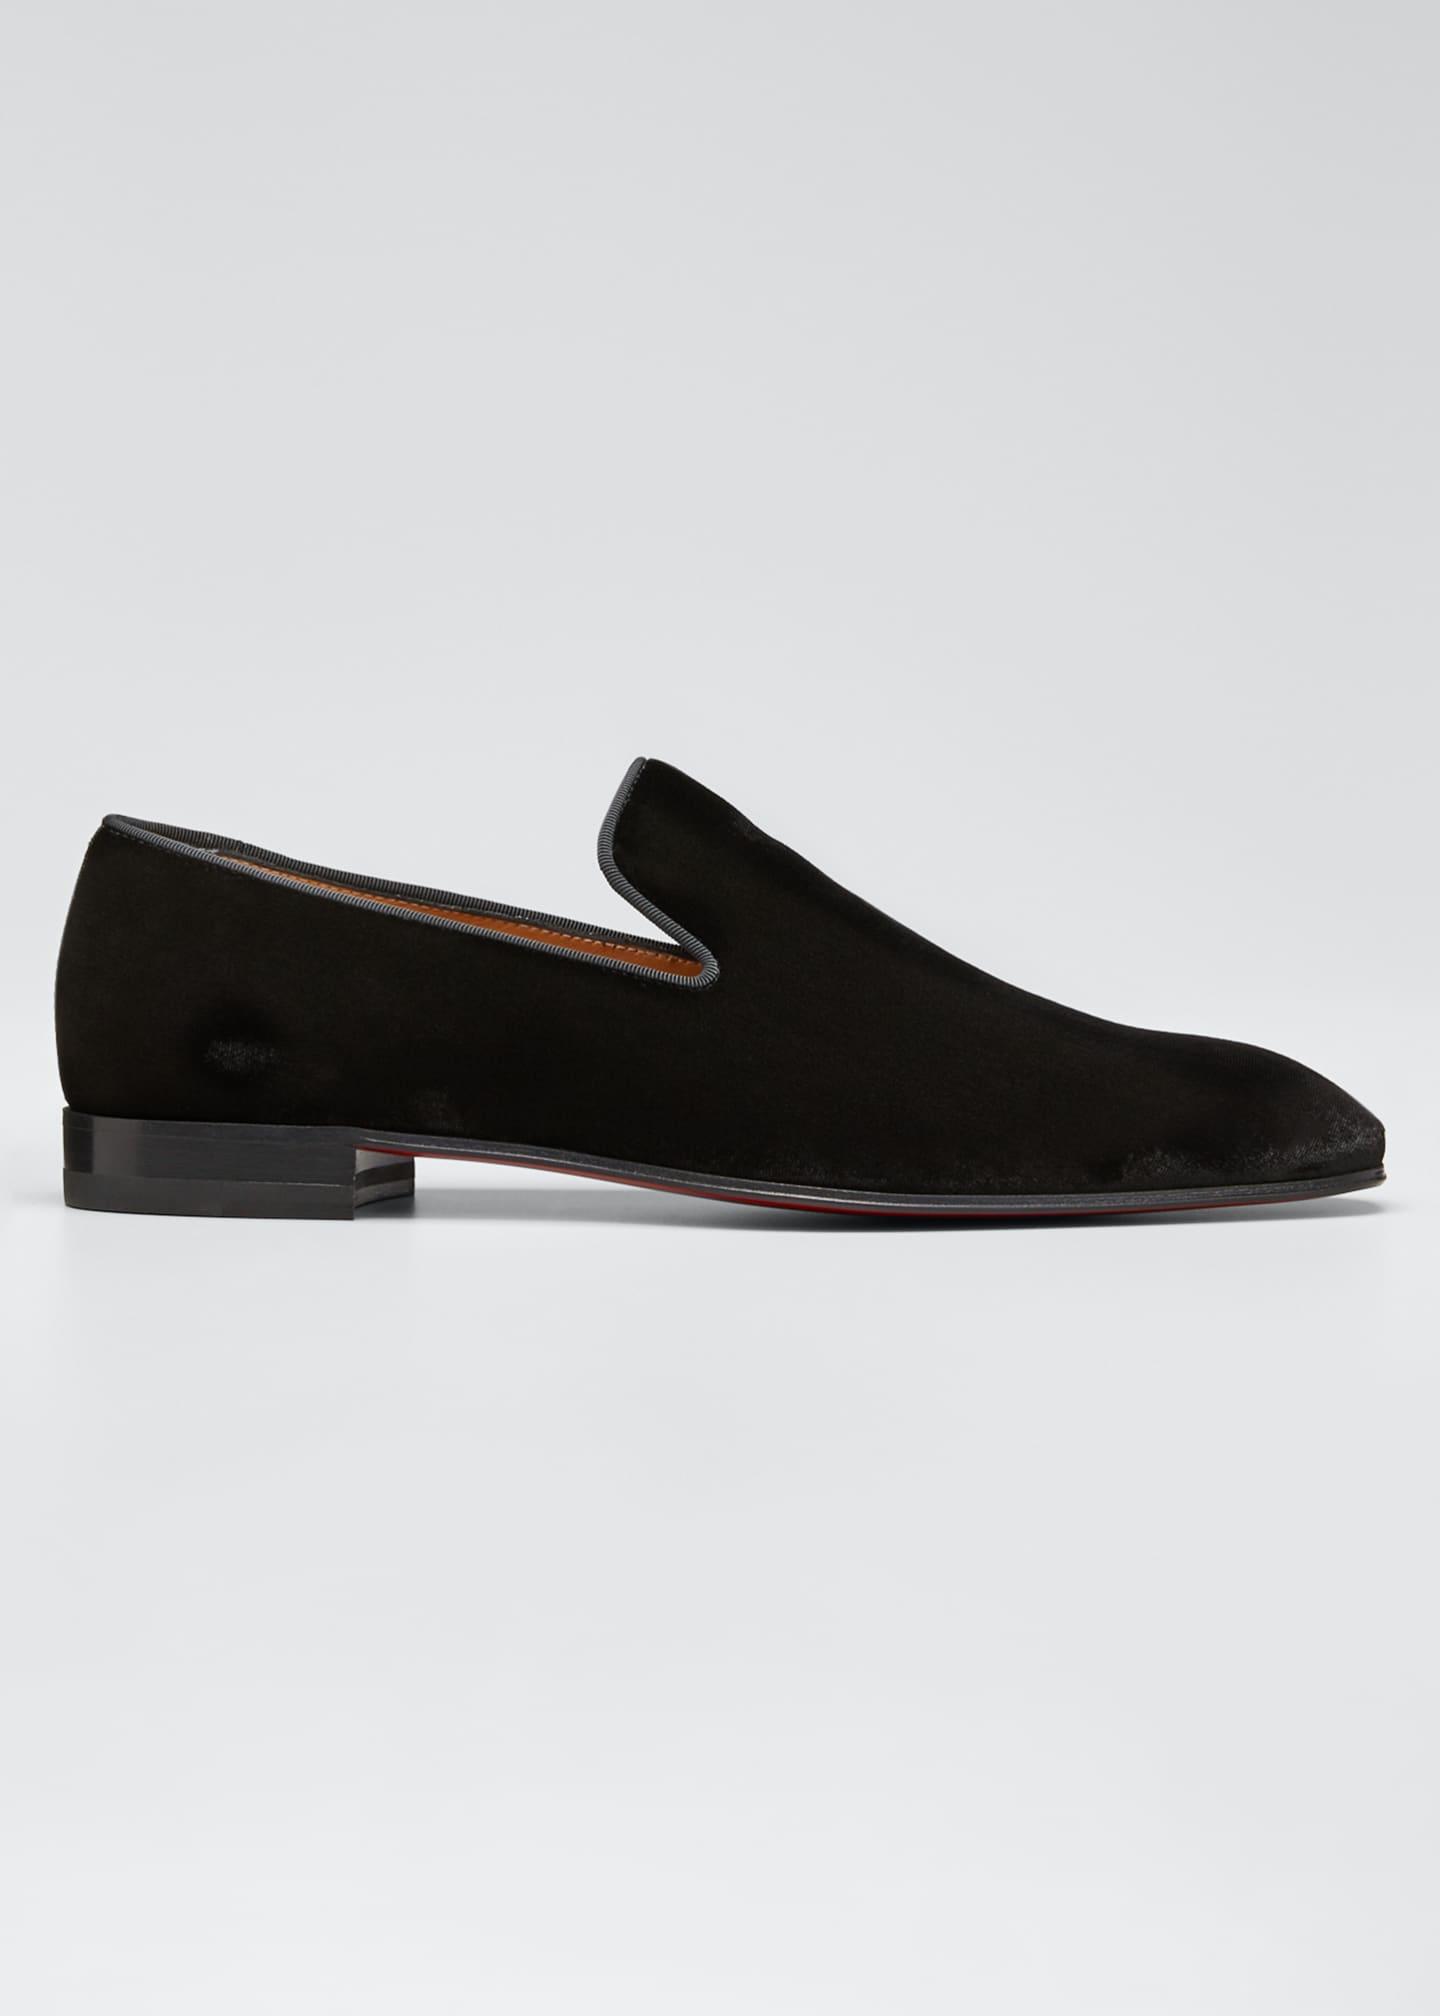 Christian Louboutin Men's Dandelion Velvet Loafers